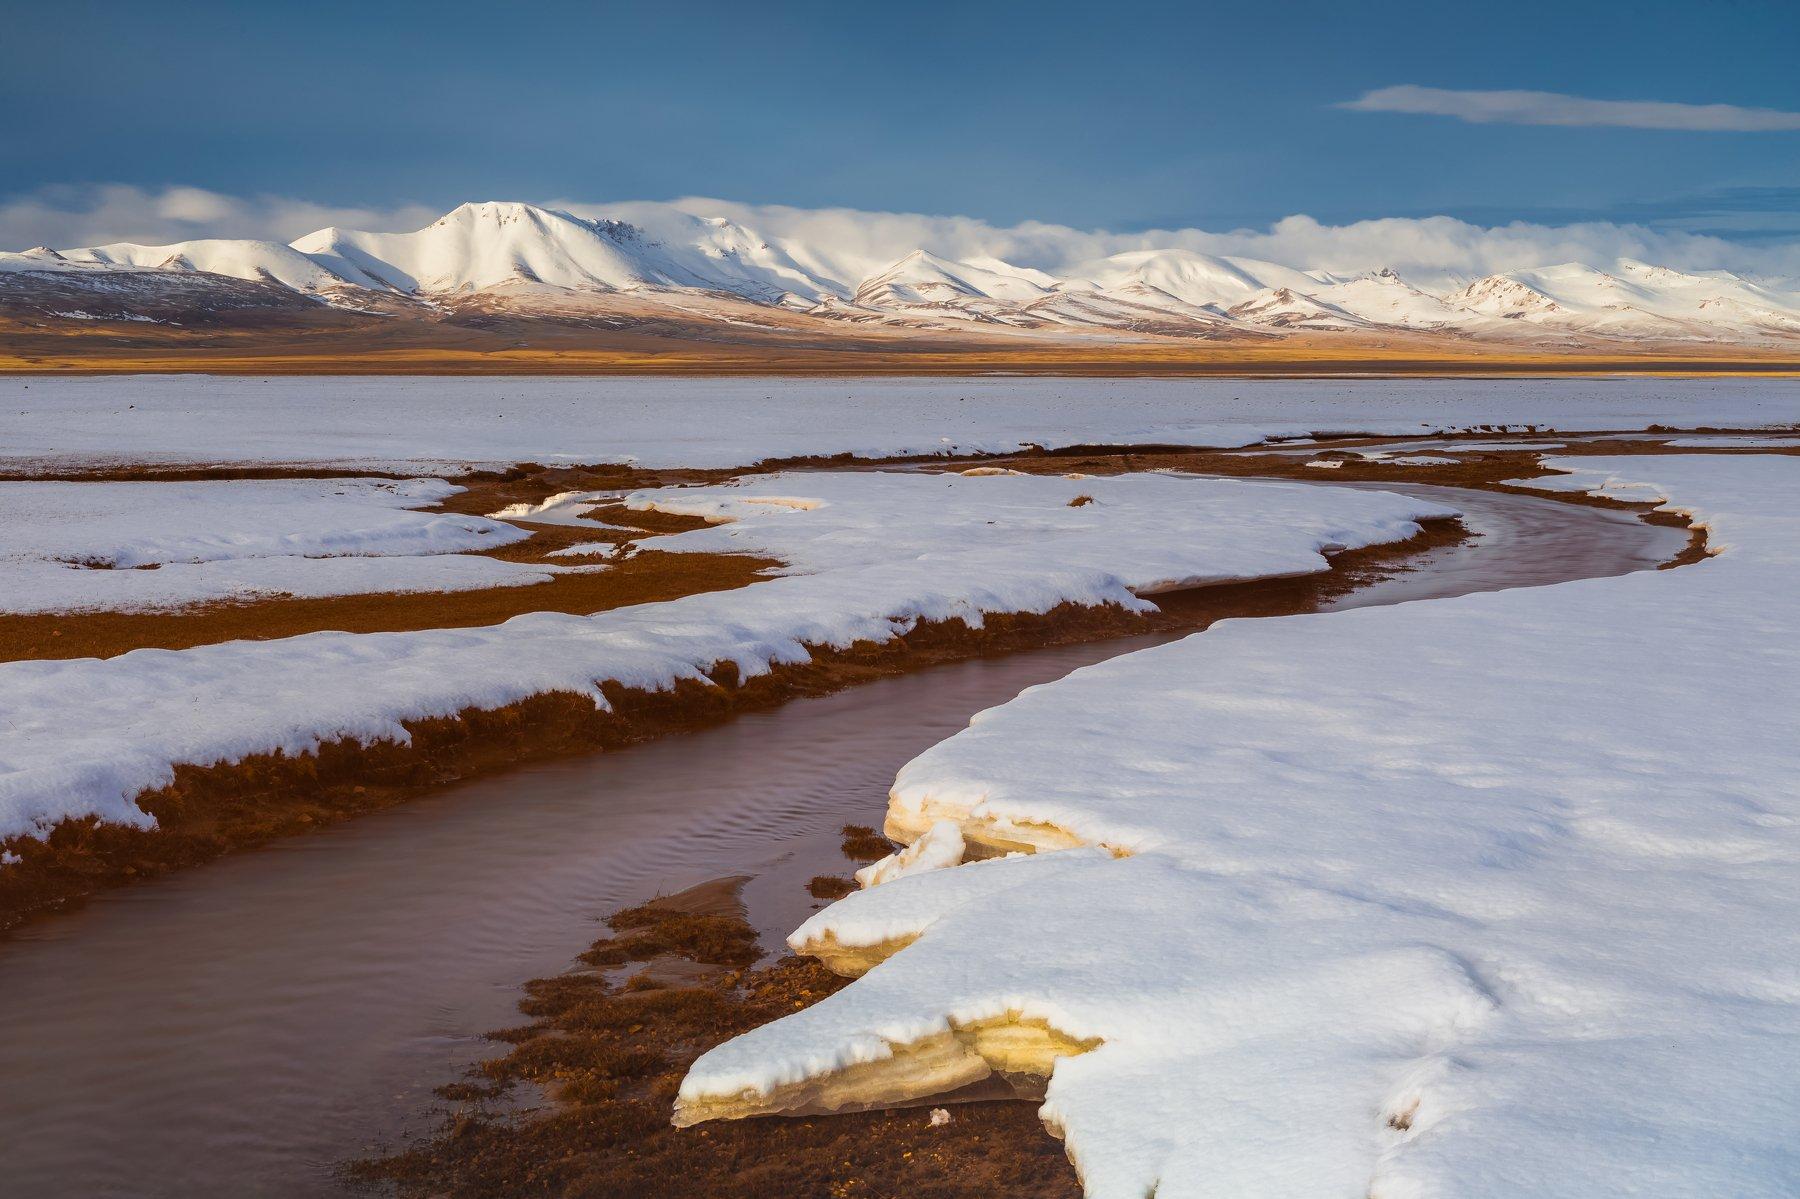 киргизия, сонкуль, высокогорье, снег, май, Кирилл Уютнов